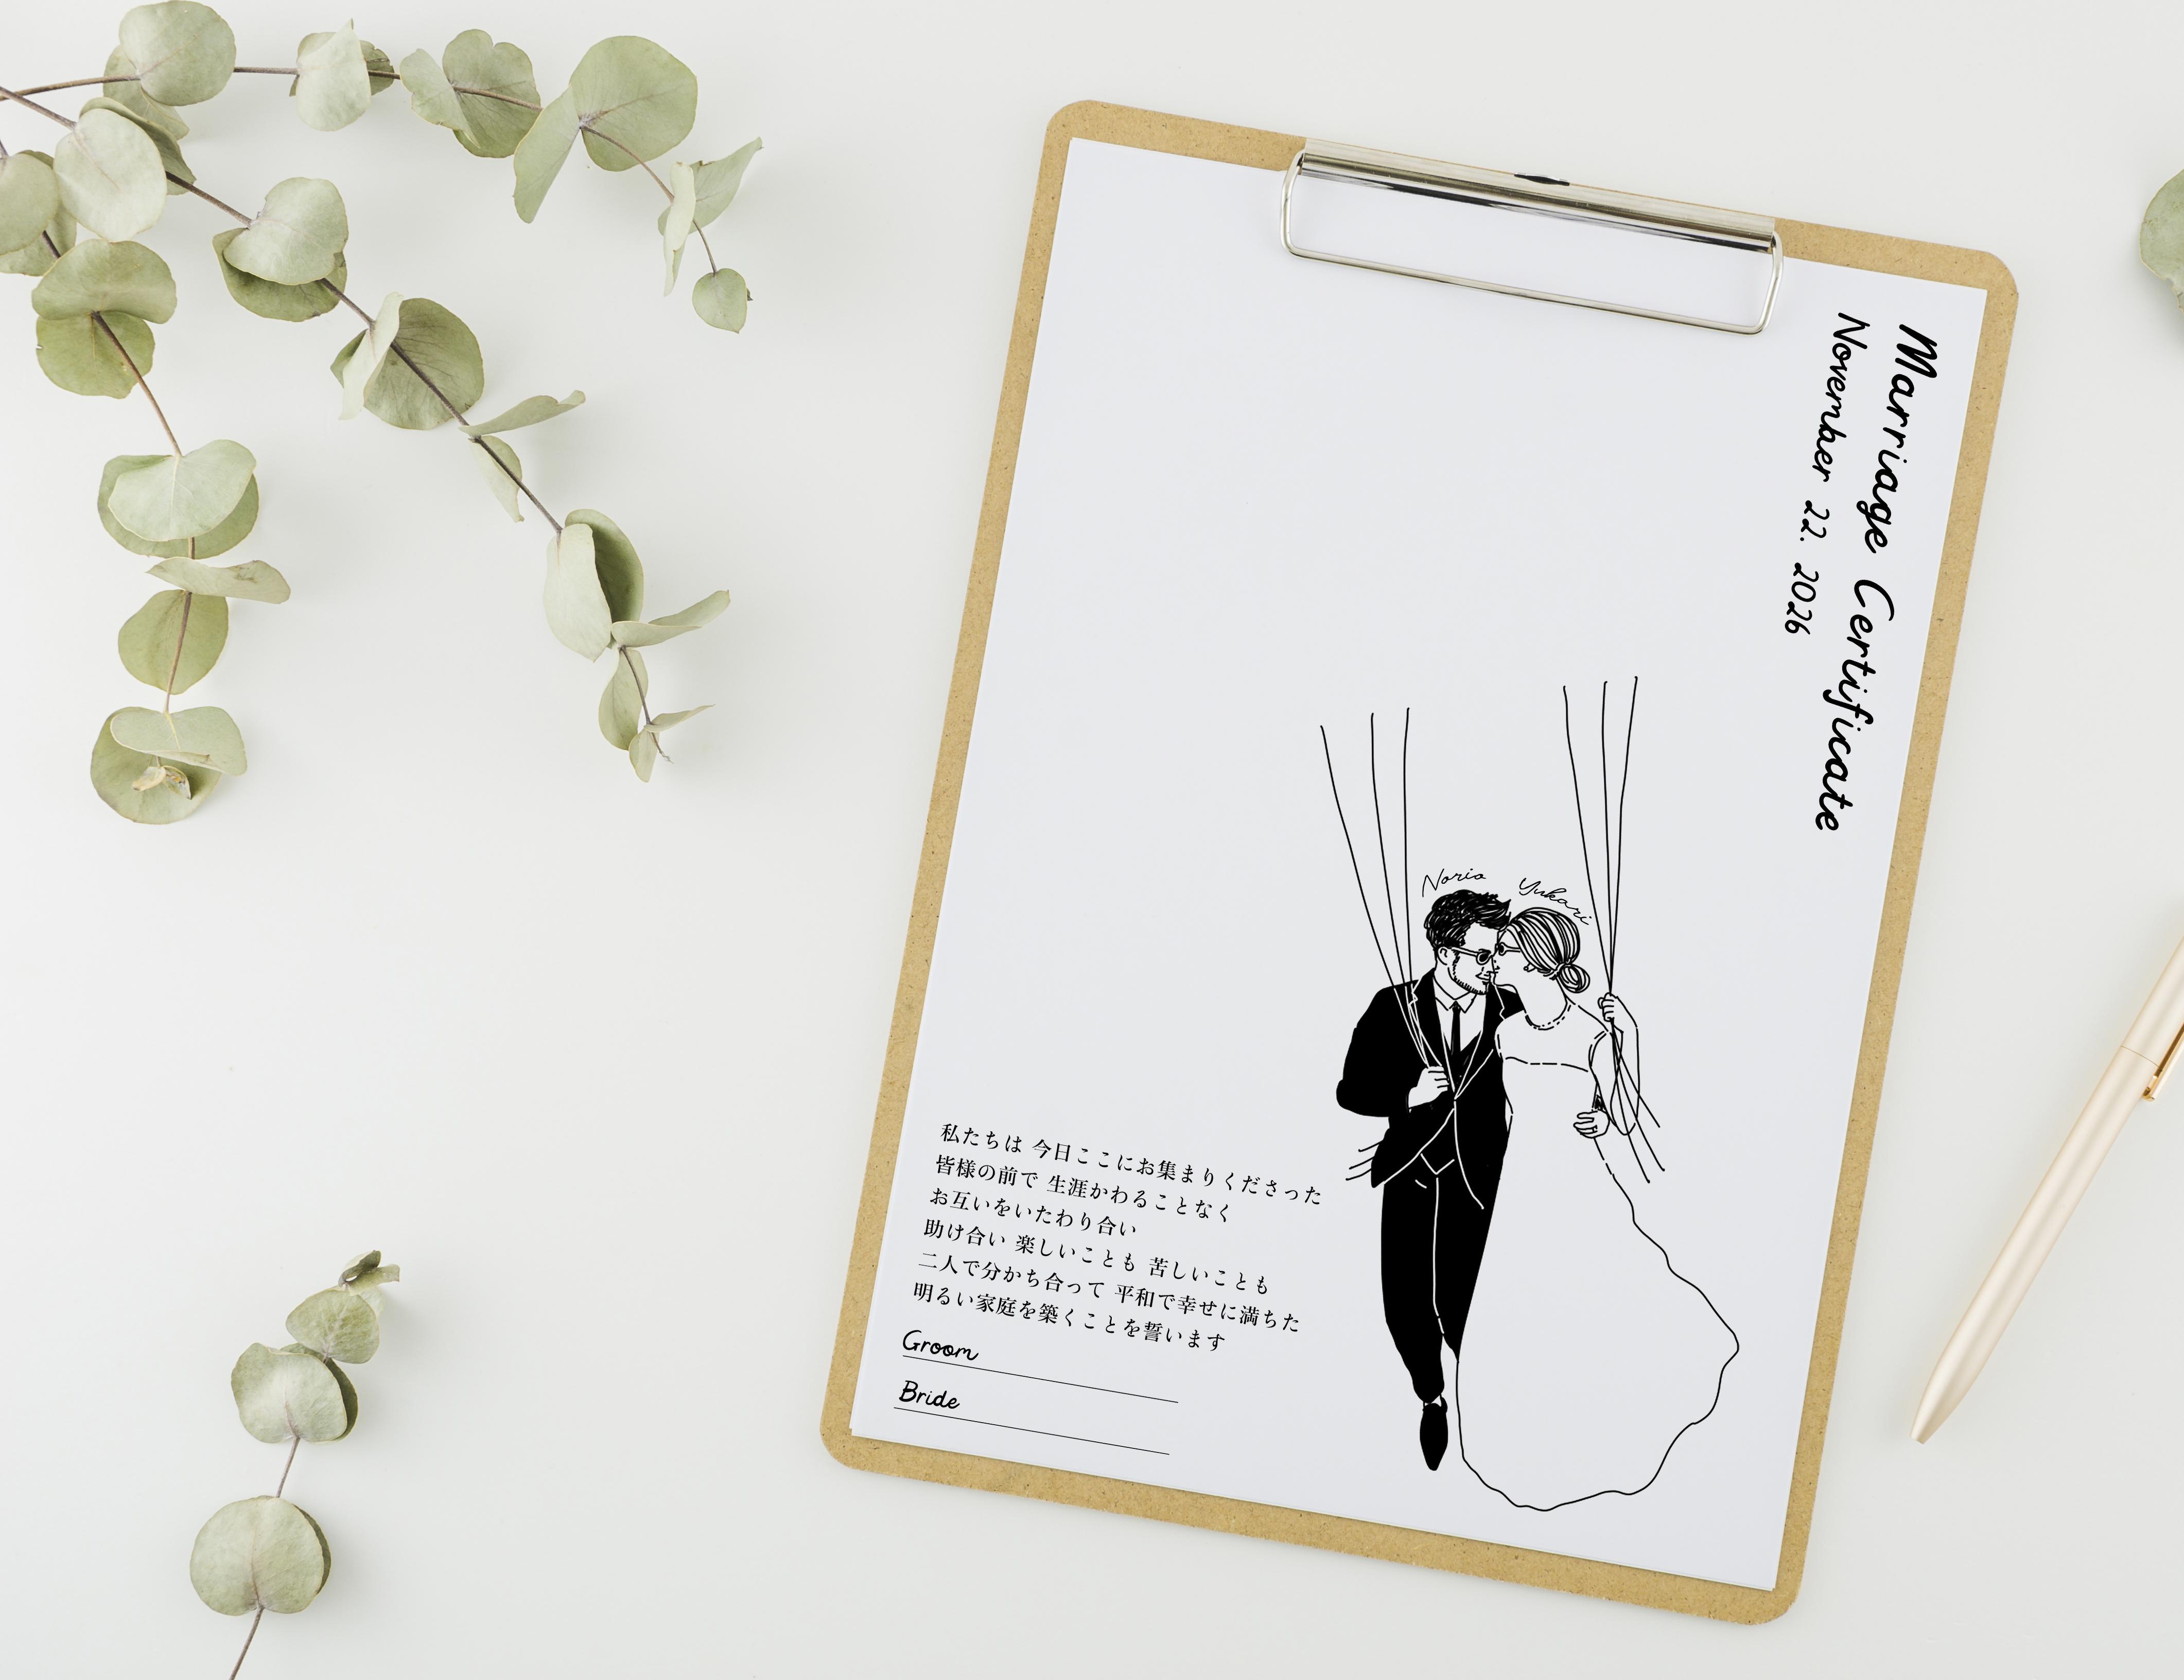 おふたりの似顔絵で作る ゲスト参加型結婚証明書③ │ウェディングツリー ウェディングバルーン